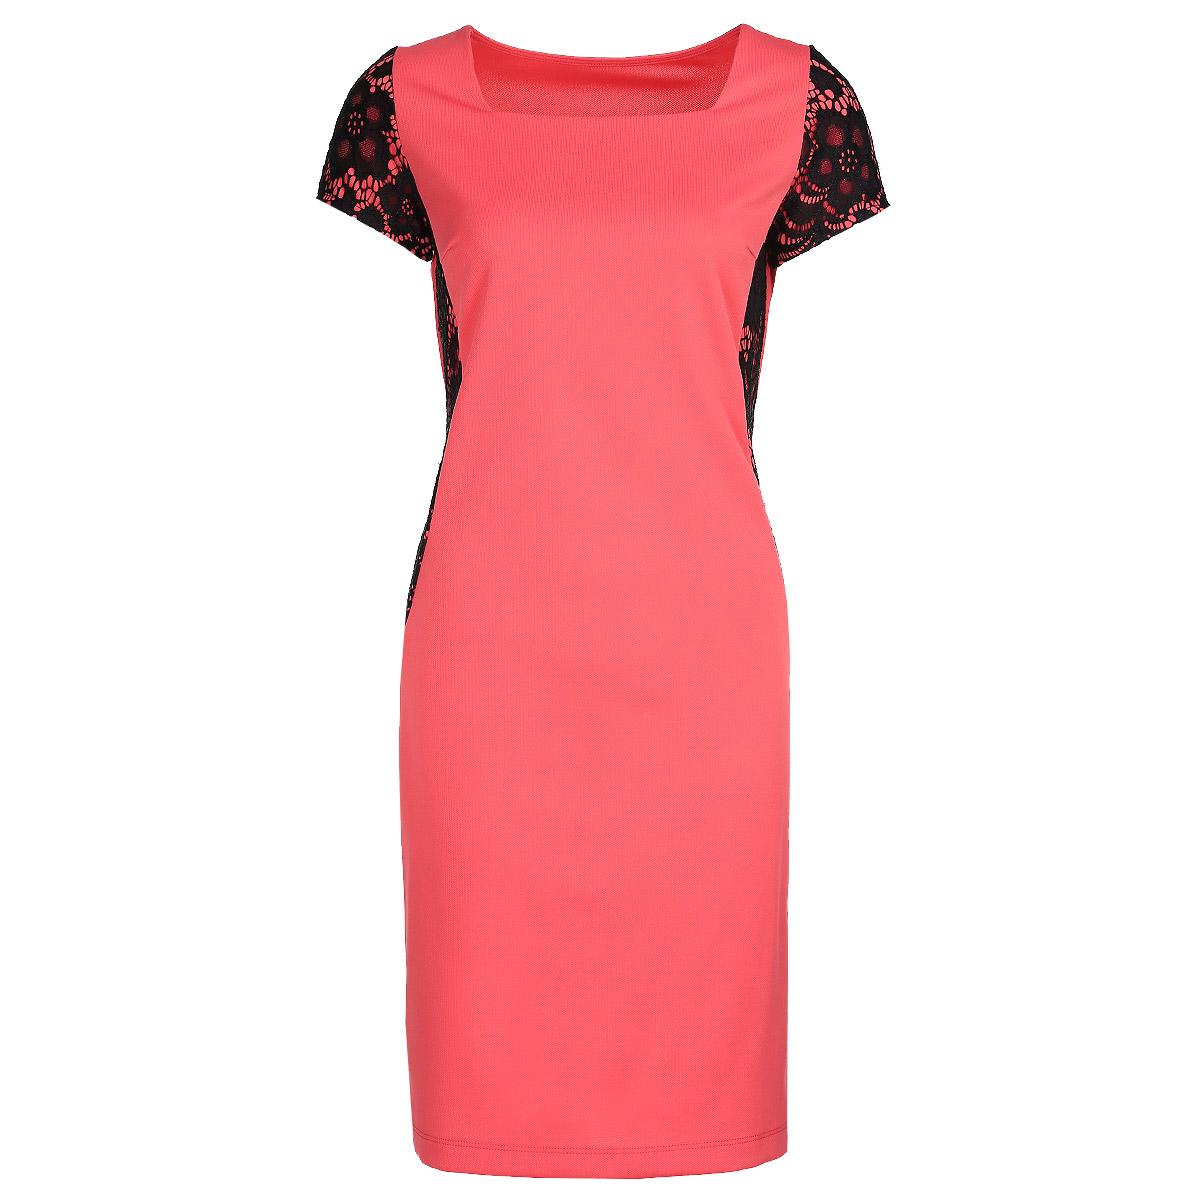 Платье. 16821682Очаровательное платье Milana Style, выполненное из высококачественного материала, будет отлично на вас смотреться. Модель приталенного кроя с короткими рукавами и вырезом горловины каре подчеркнет ваш стиль. Рукава и бока платья оформлены ажурными вставками контрастного цвета. Идеальный вариант для тех, кто ценит комфорт и качество.